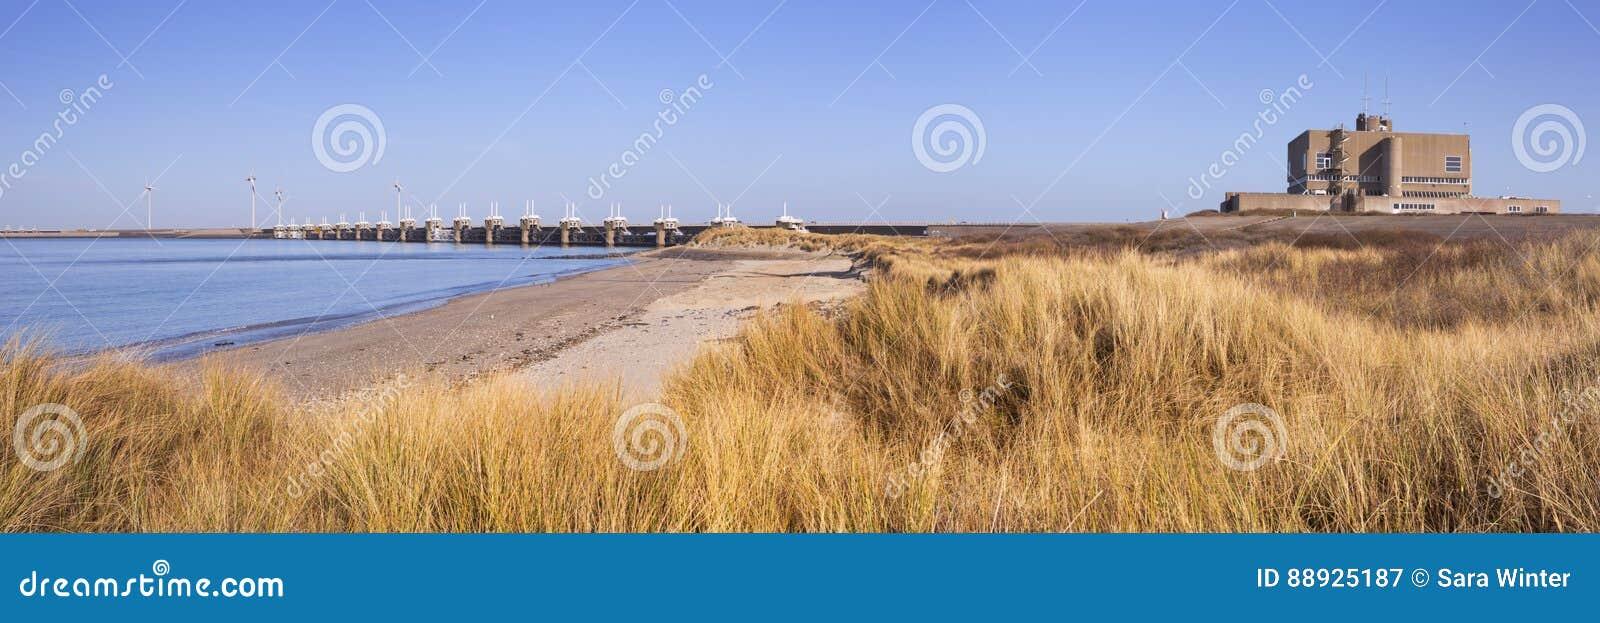 Oostelijke Schelde-Barrière in Neeltje Jans in Nederland